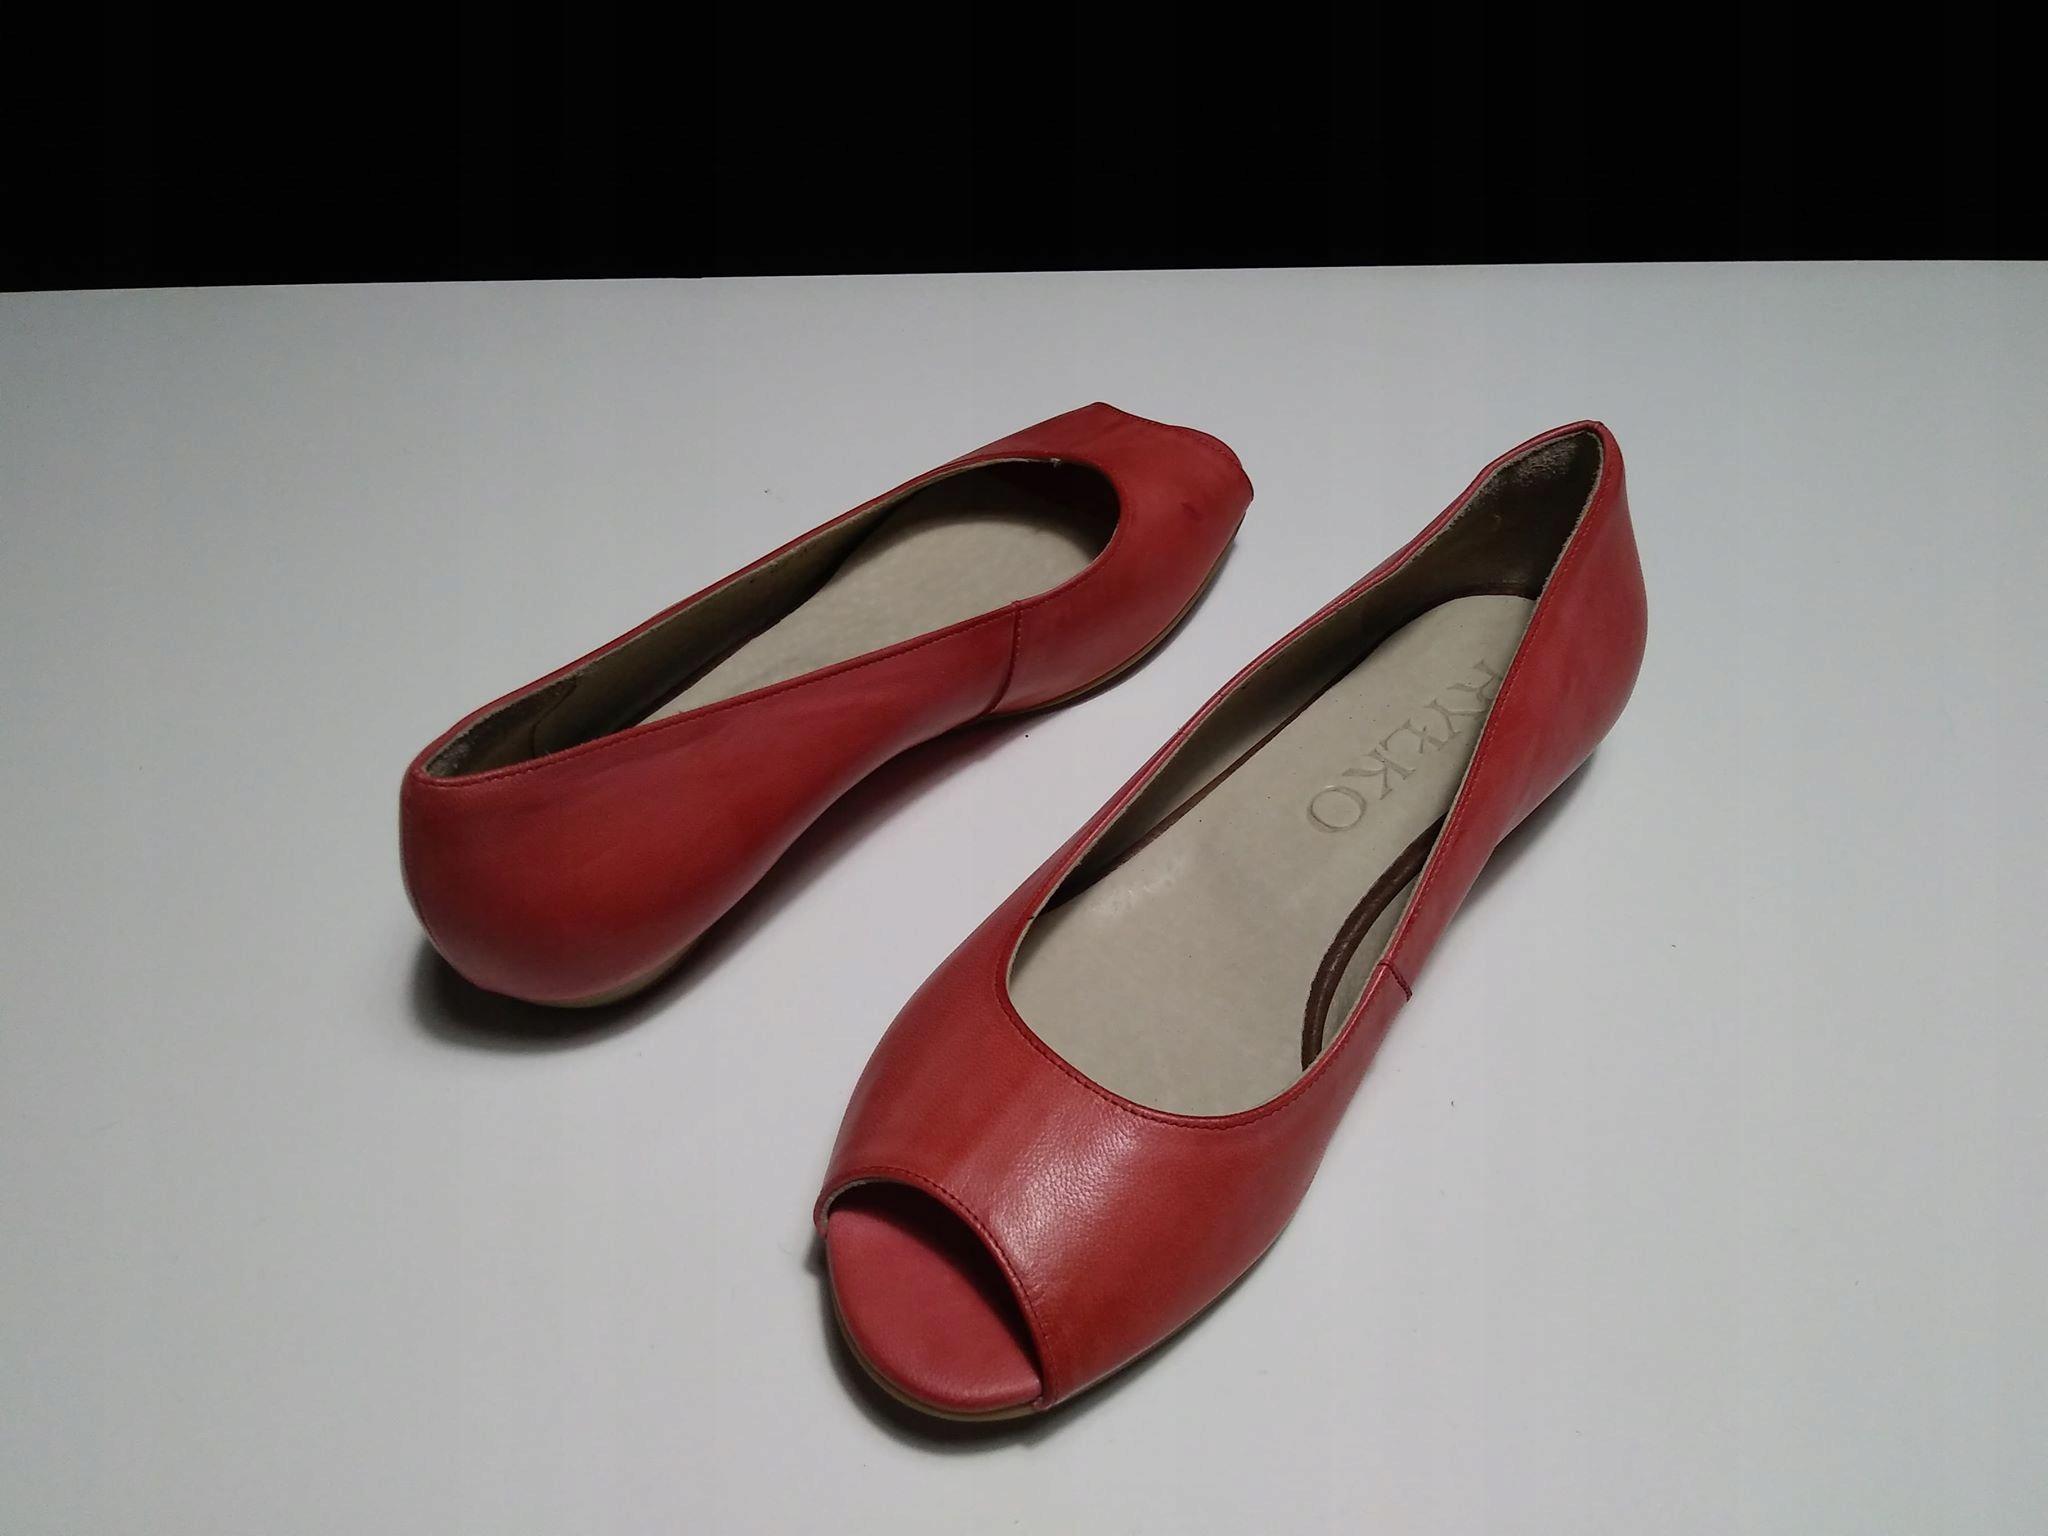 d628ed91 RYŁKO skórzane buty balerinki wiosna/lato HIT 38,5 - 7482820211 ...